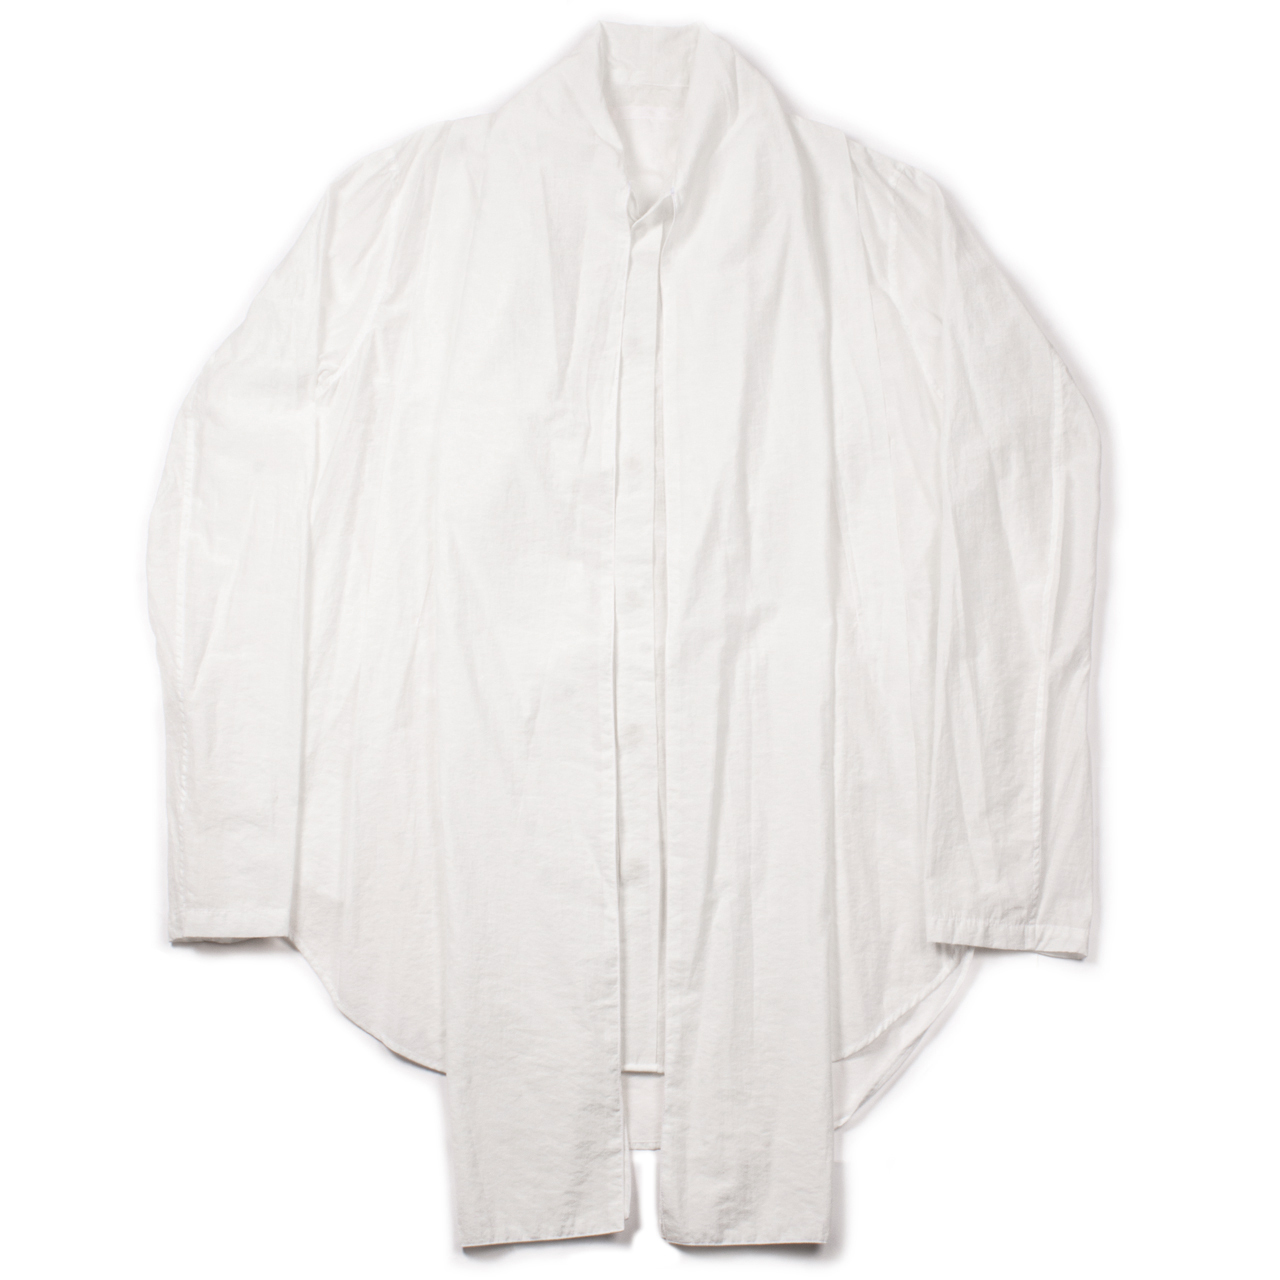 717SHM2-OFF WHITE / スカーフカラーシャツ